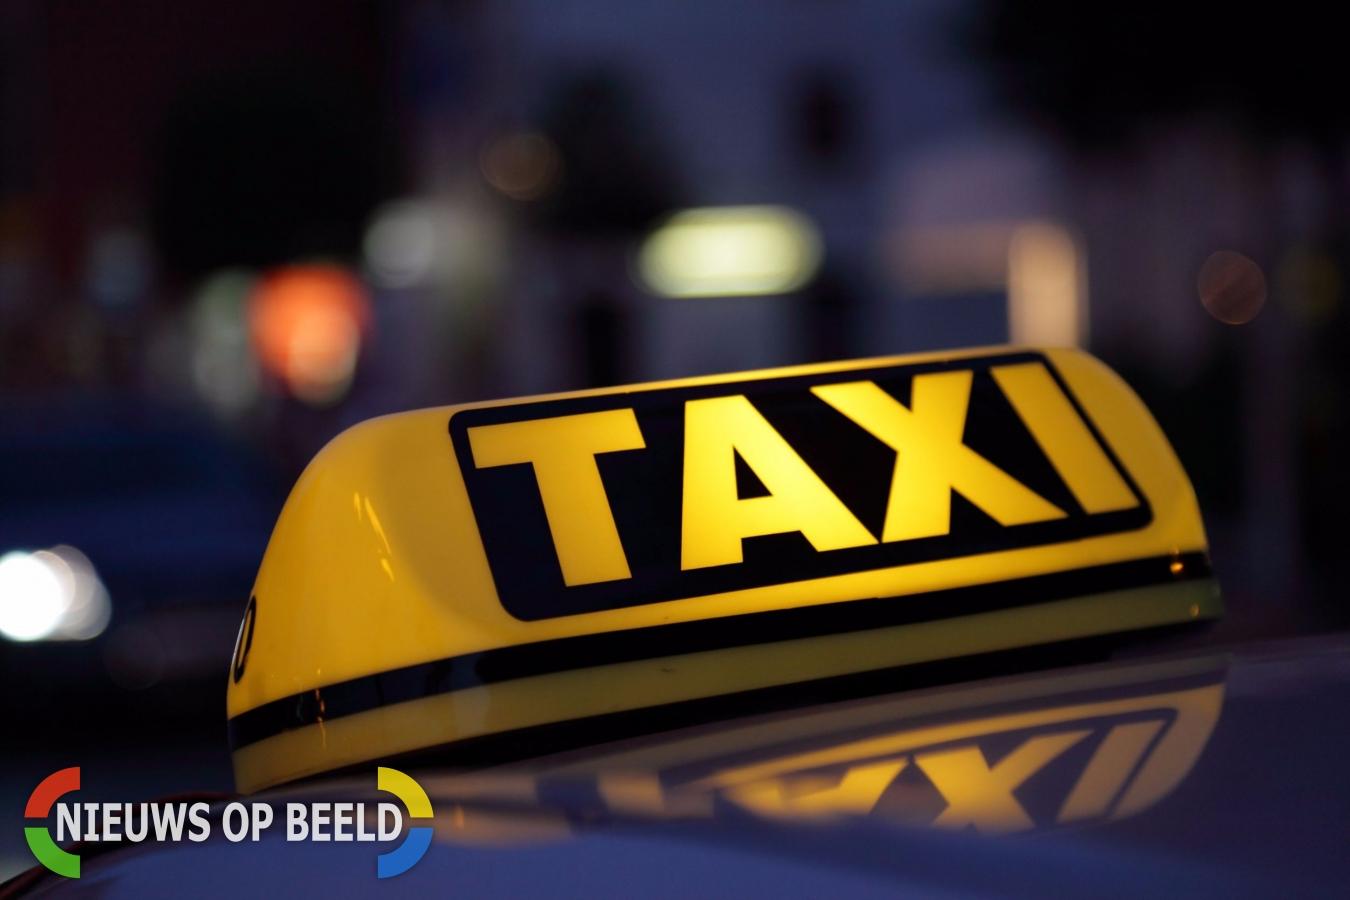 Tweede verdachte aangehouden voor overval op taxichauffeur in Spijkenisse